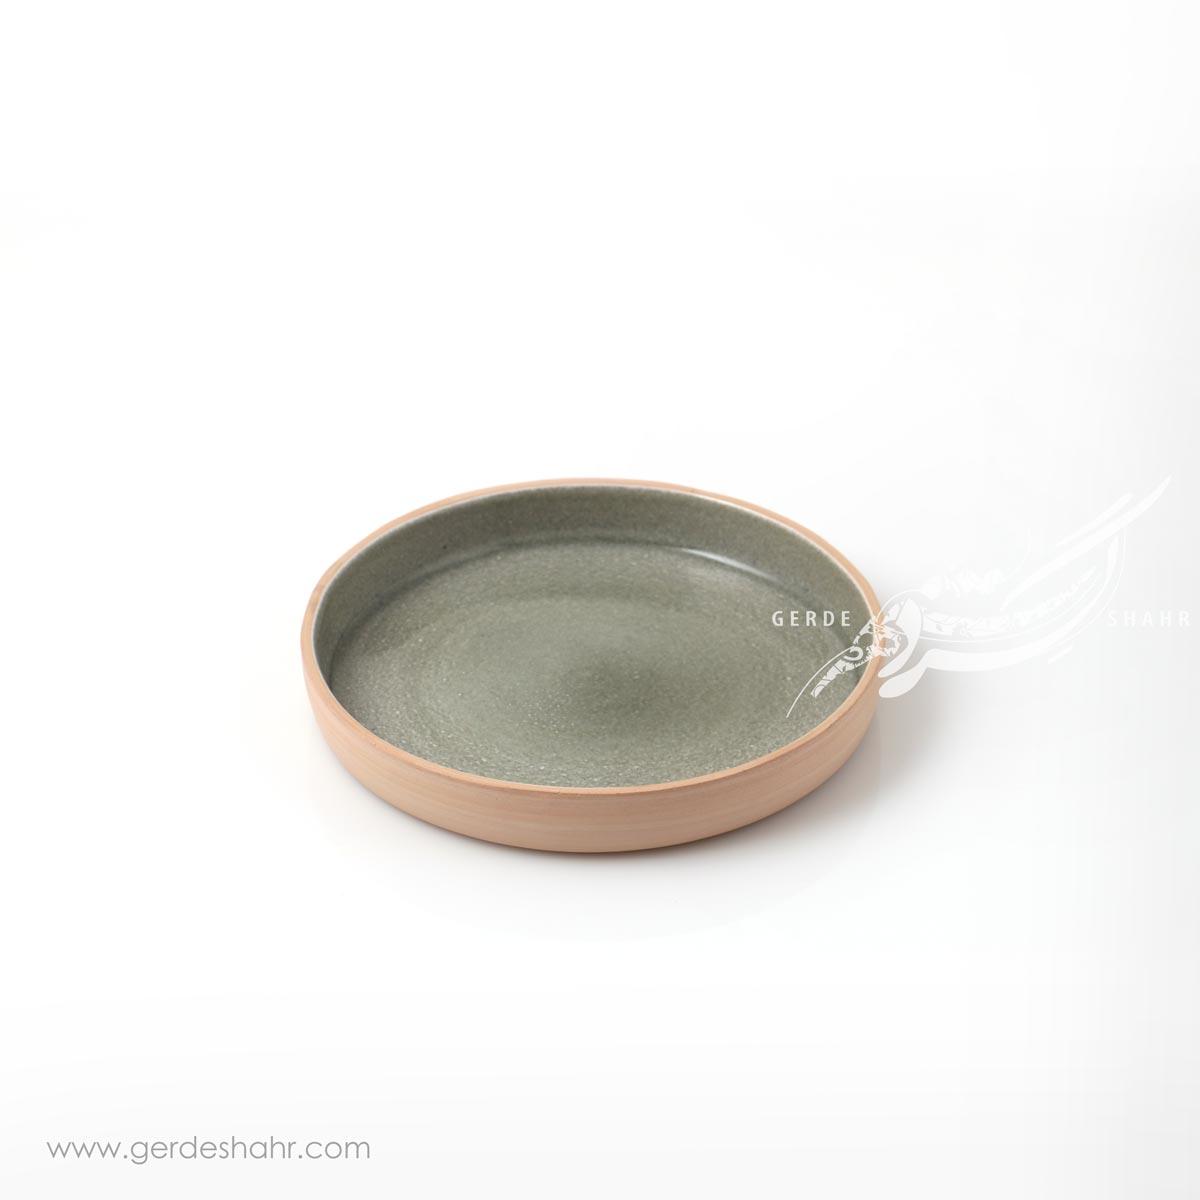 بشقاب متوسط خاکستری زین دست محصولات